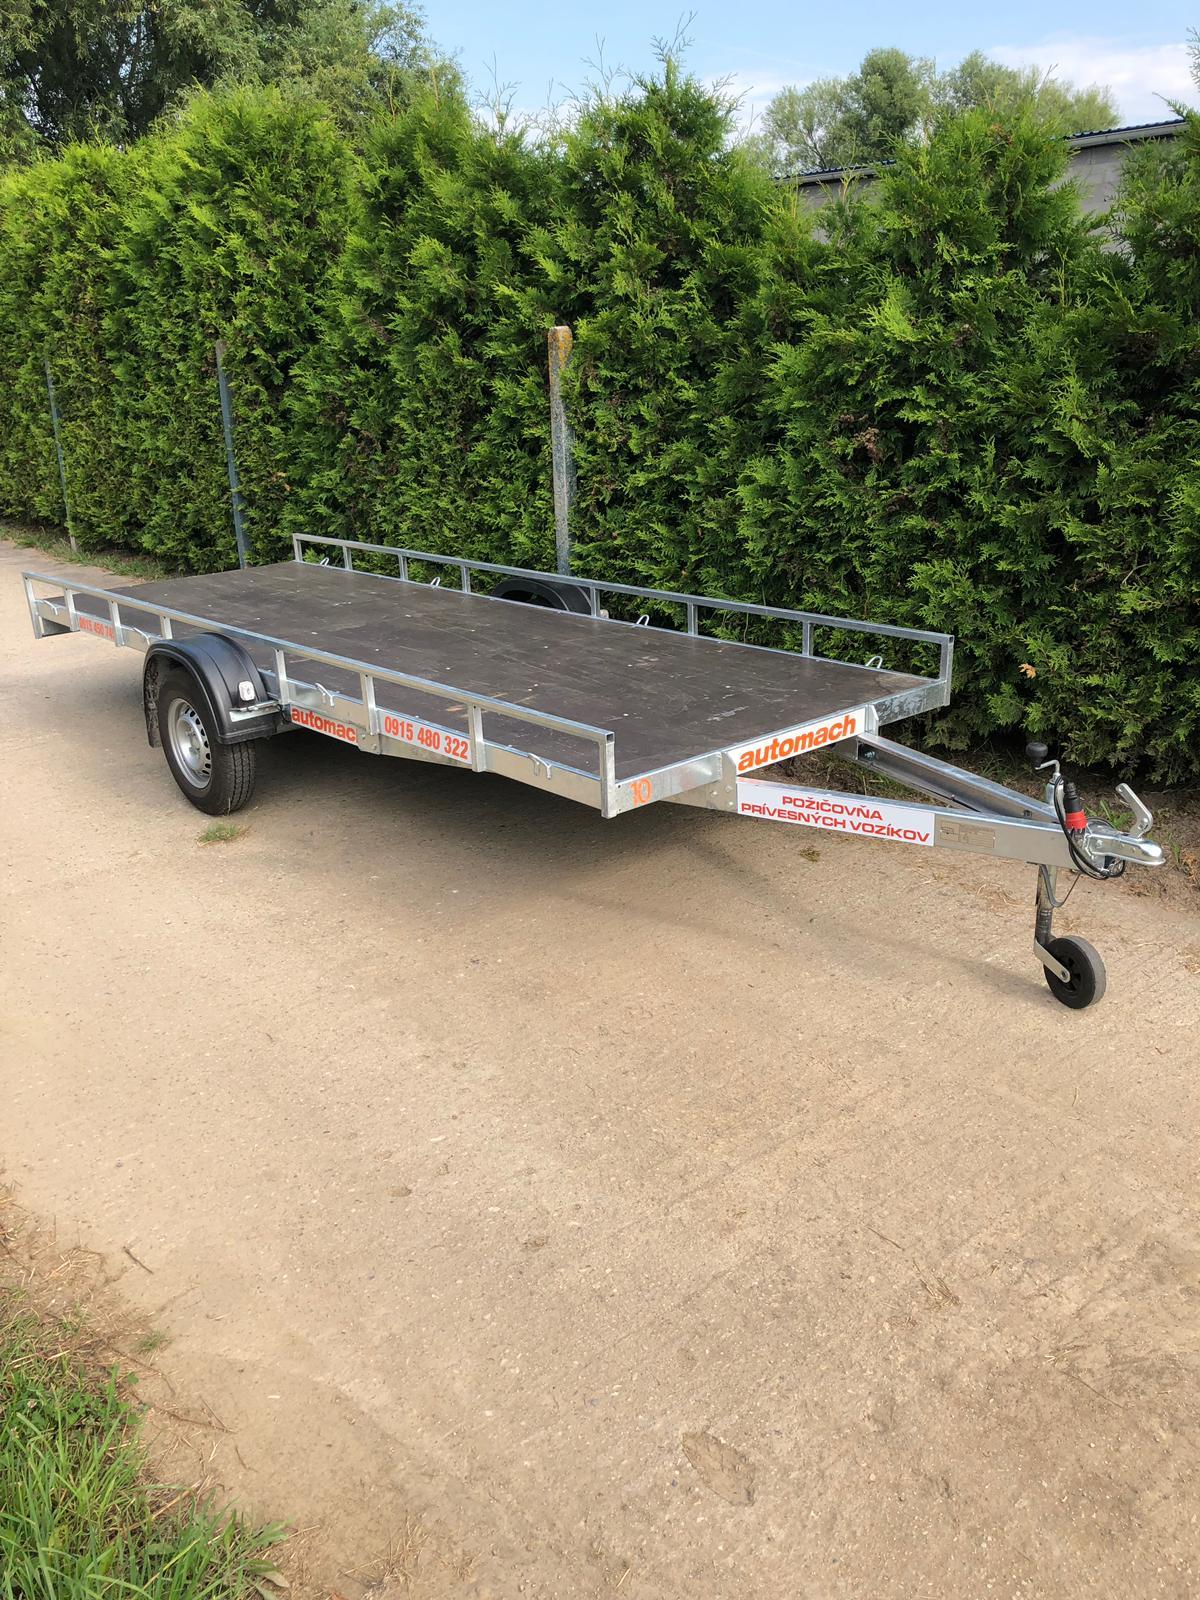 Prívesný vozík pre nadrozmernú prepravu do 750kg, dĺžka 4,5m šírka 1,5m